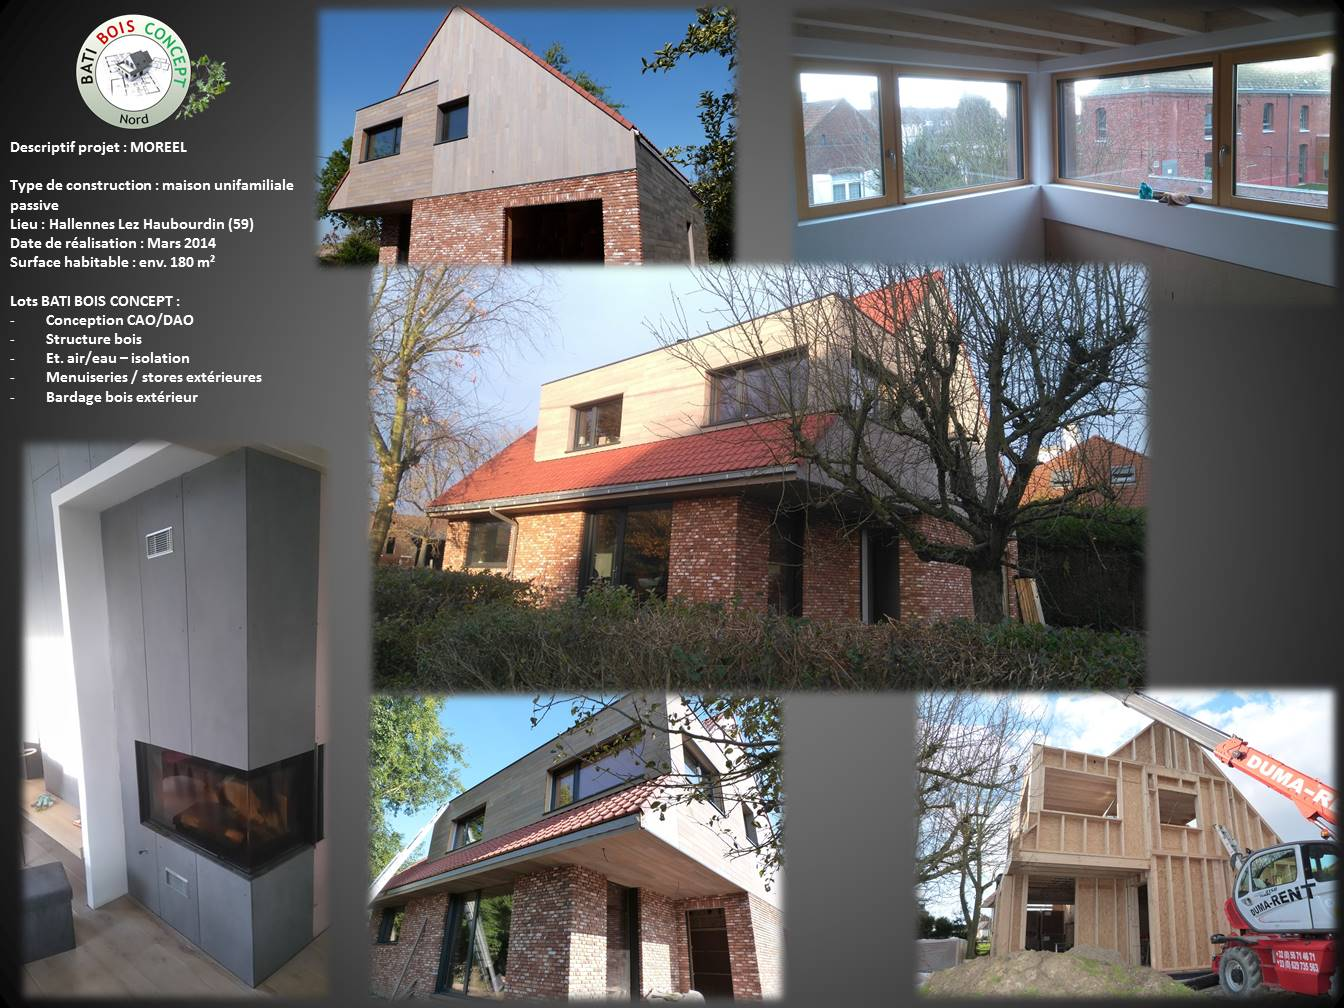 Maison basse énergie  Nord (59)  Hallennes Lez